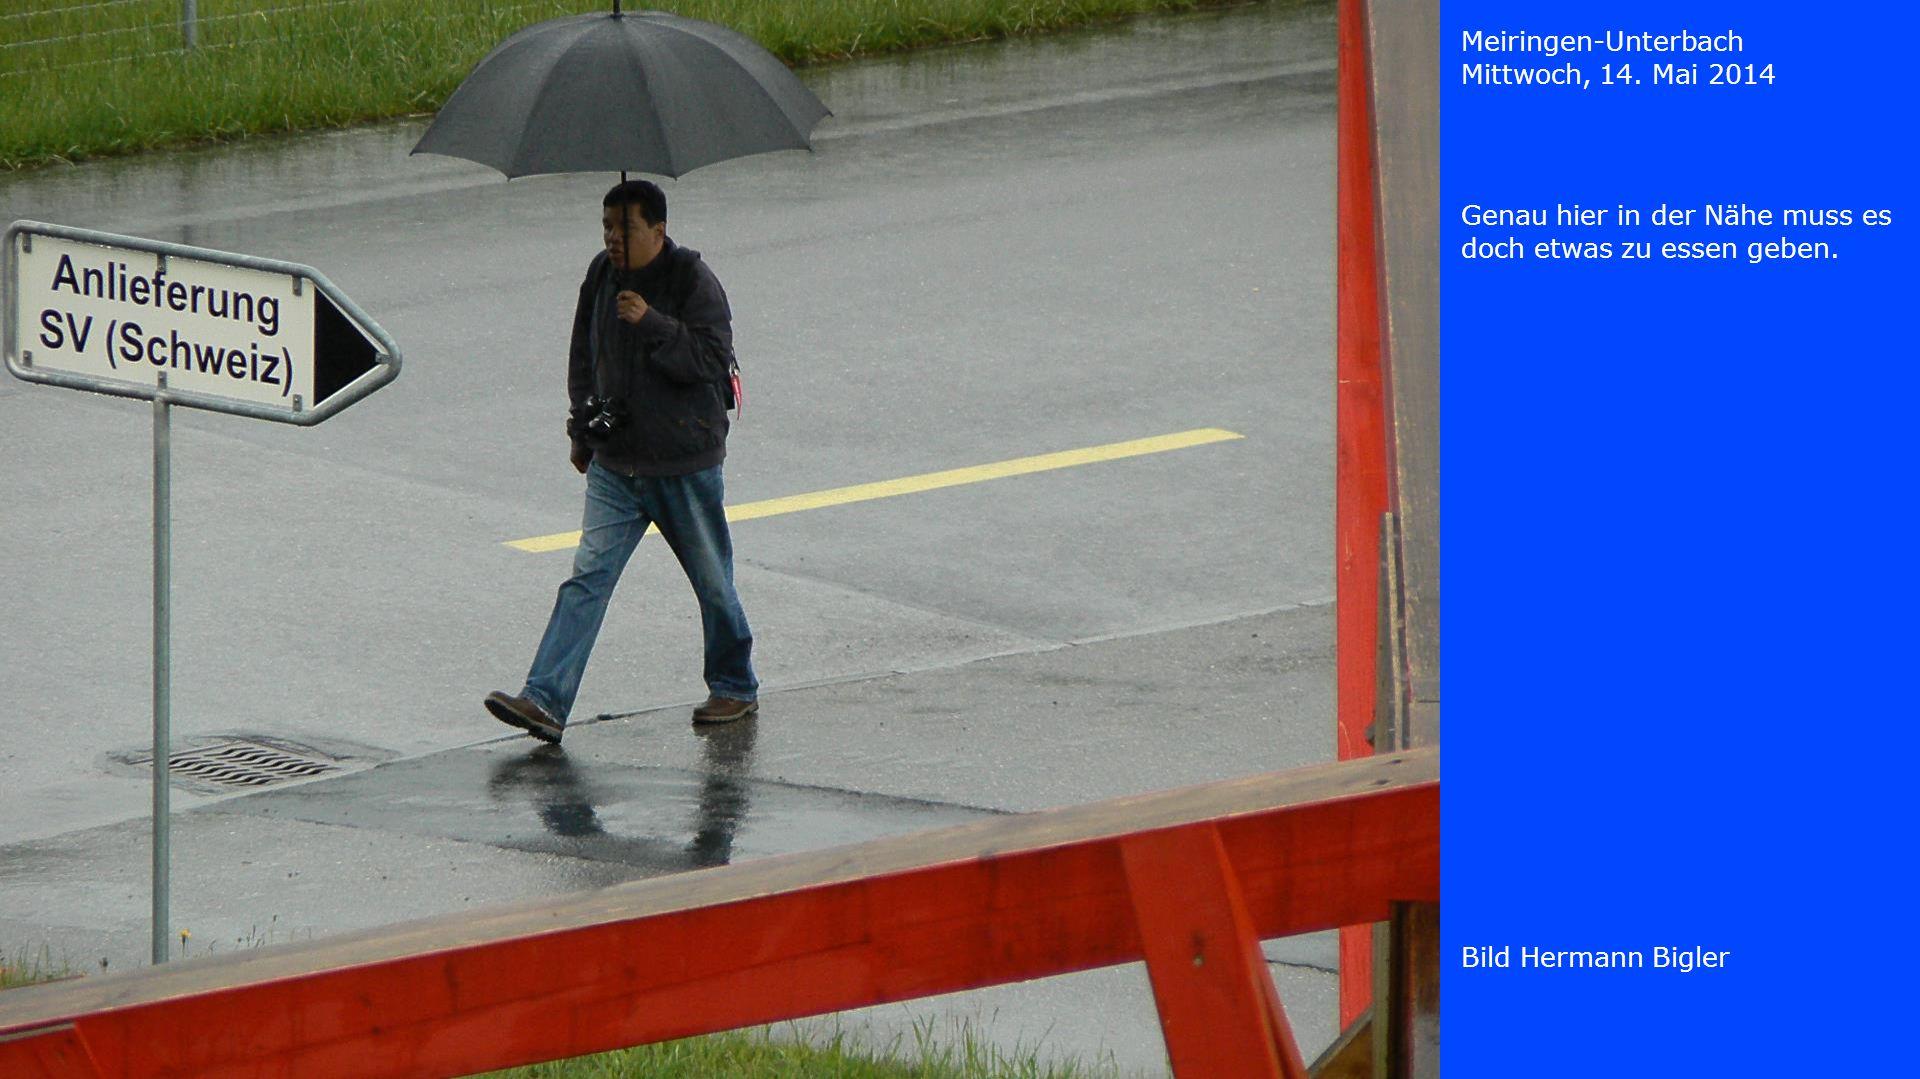 Meiringen-Unterbach Mittwoch, 14.Mai 2014 Bild Carlos Bigler Der Wind hat gekehrt.